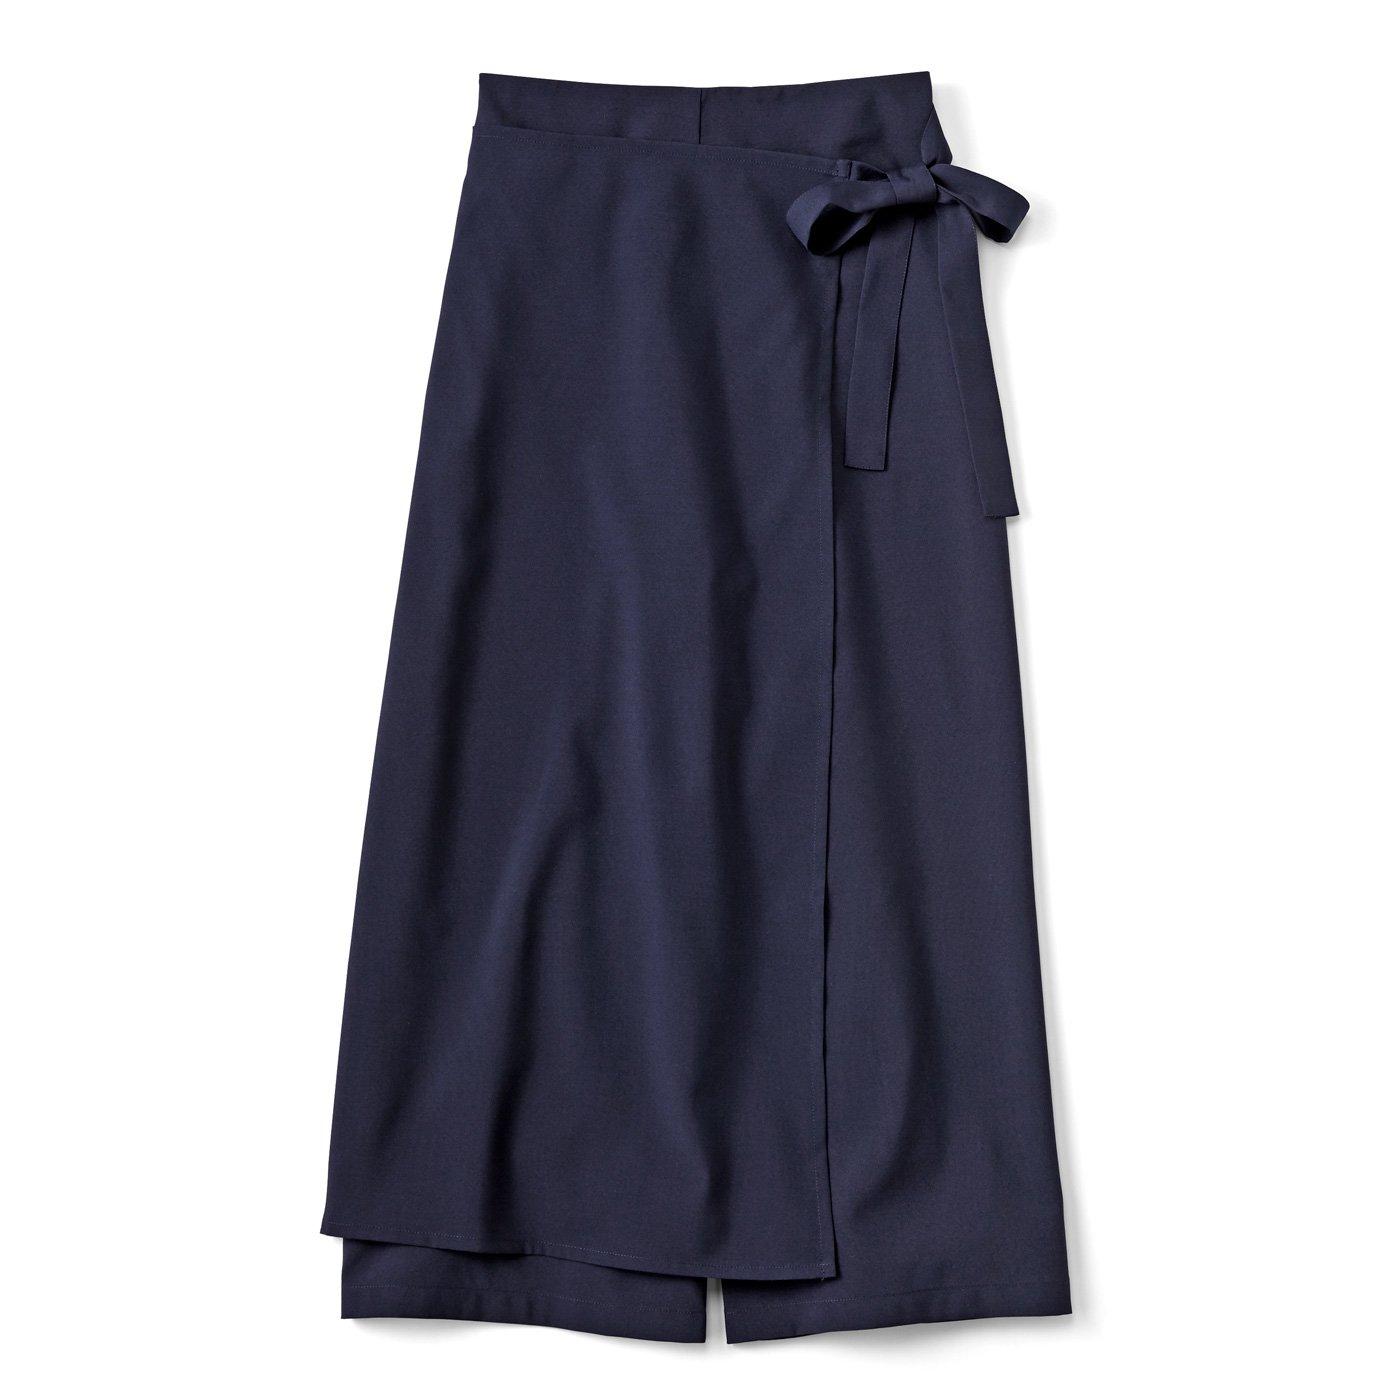 【3~10日でお届け】スカート見え ラップパンツ〈ネイビー〉